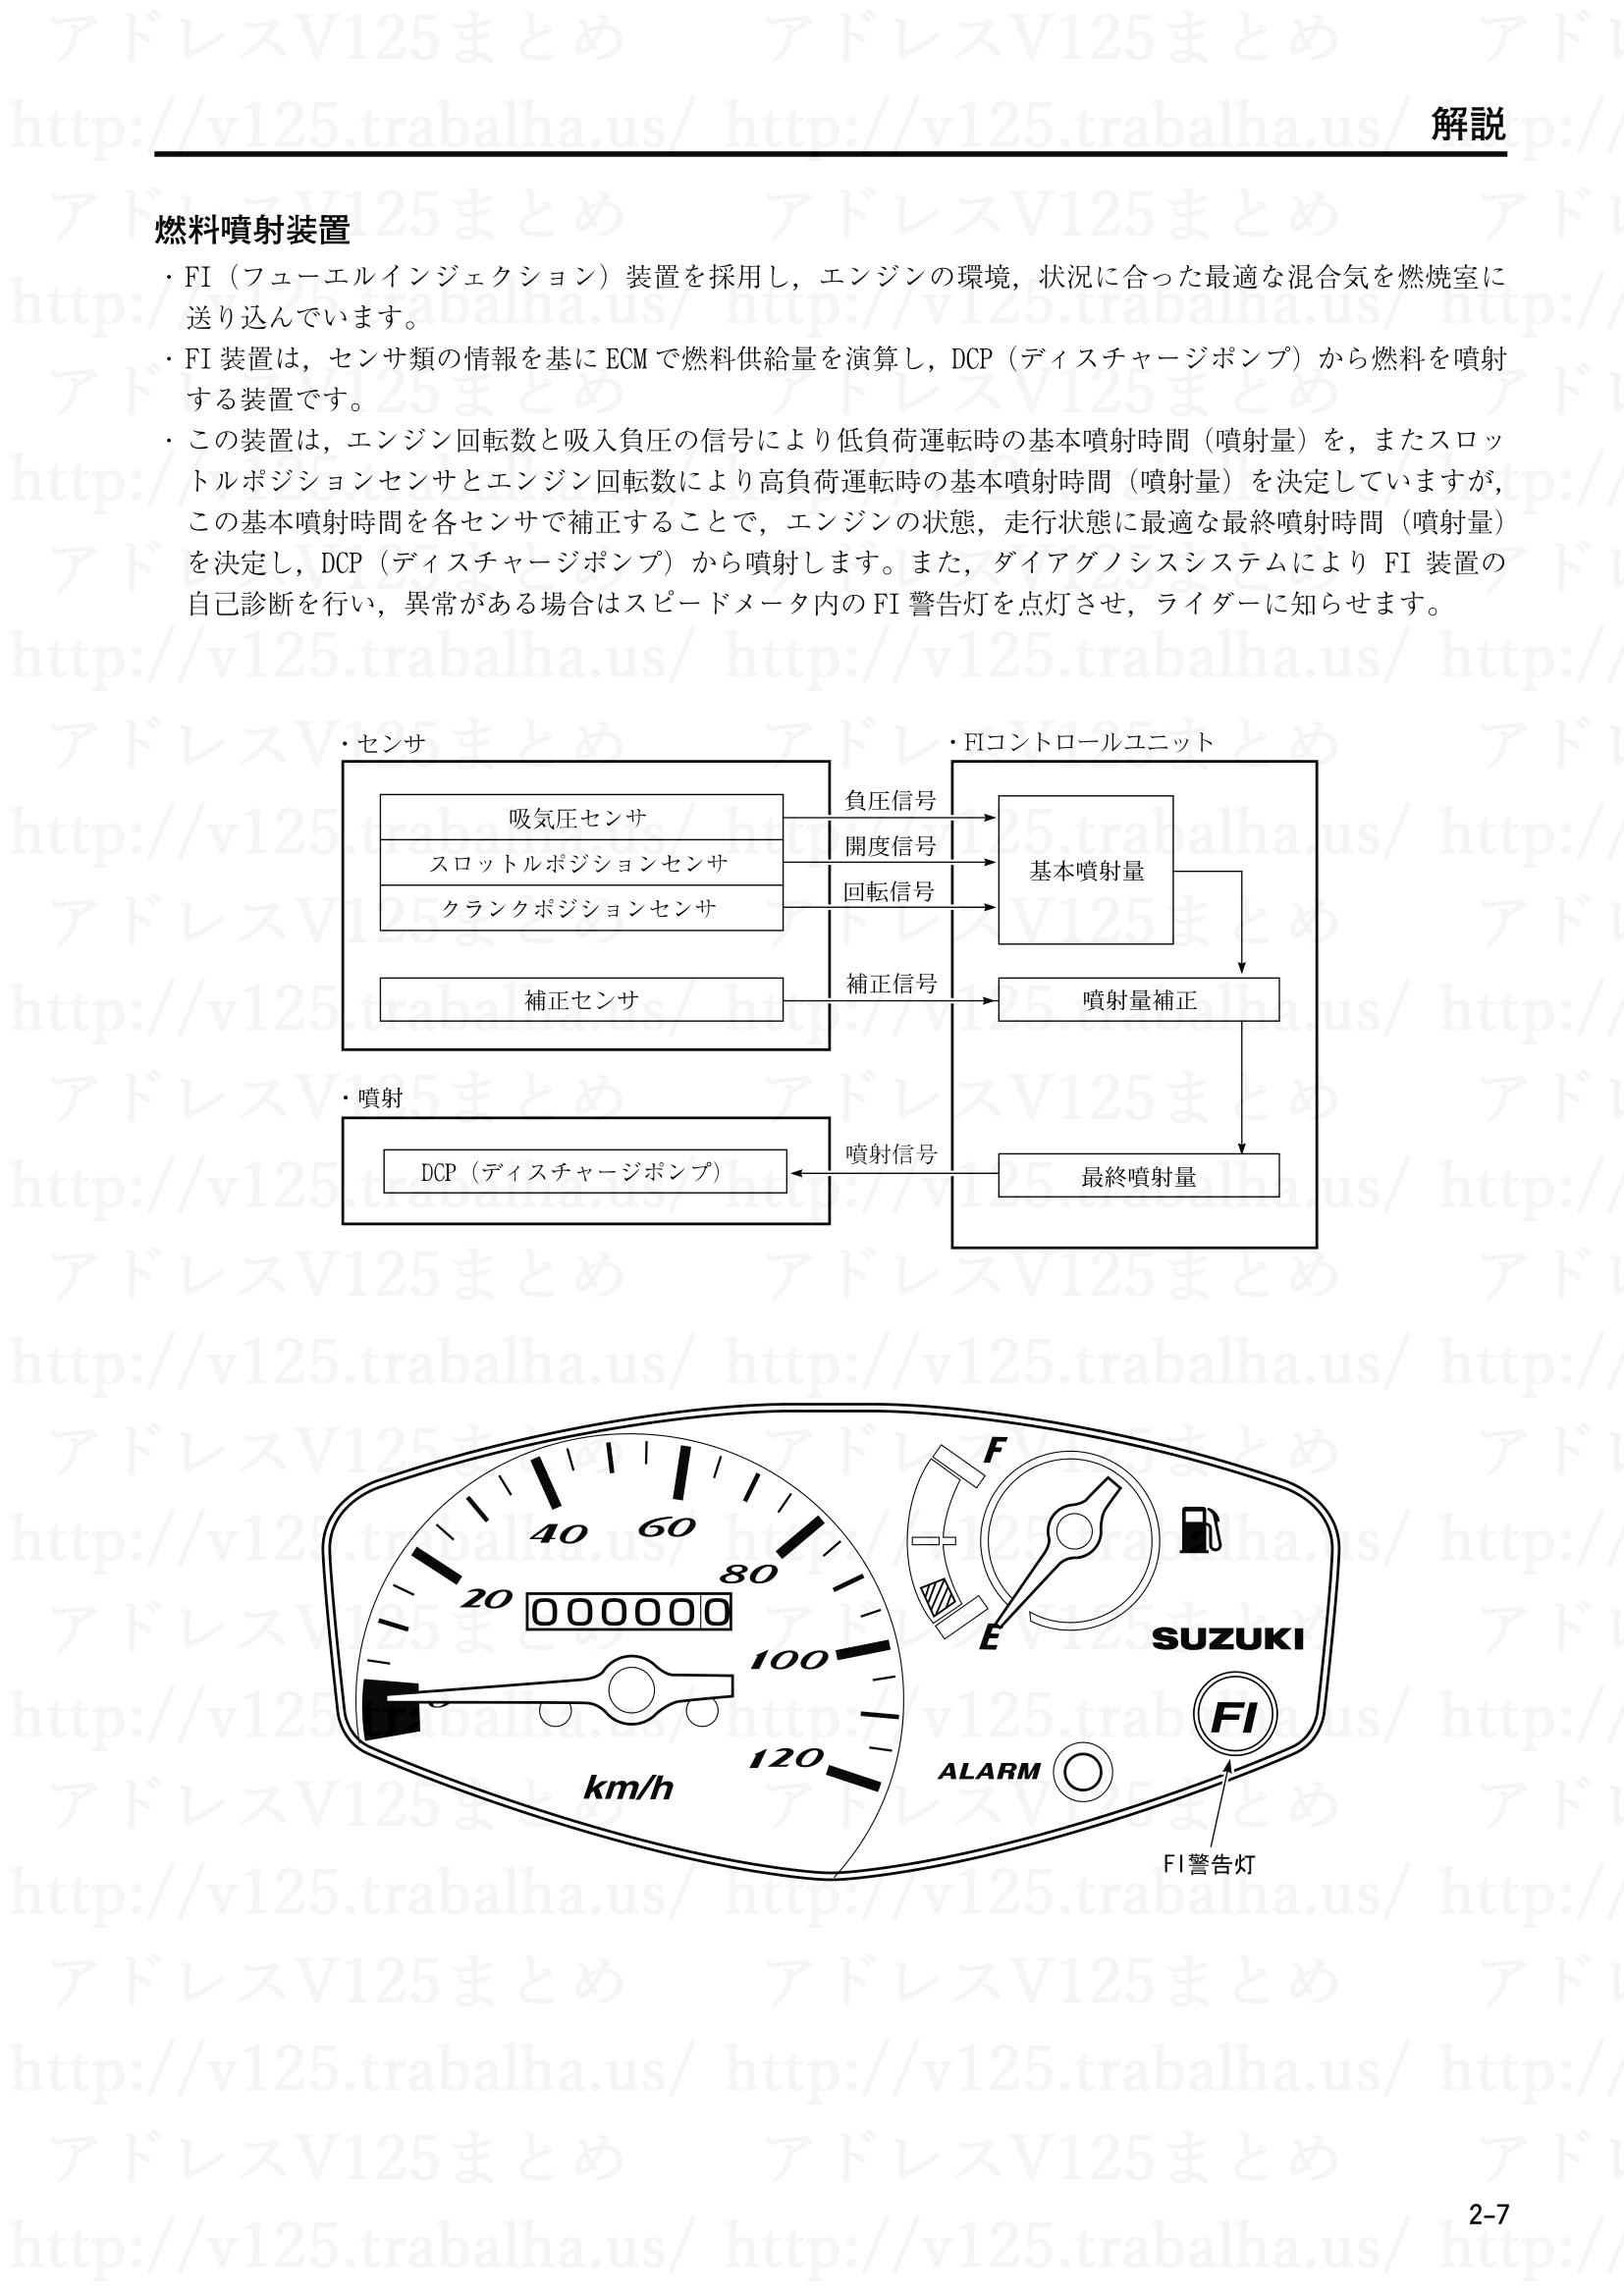 2-7【解説】燃料噴射装置